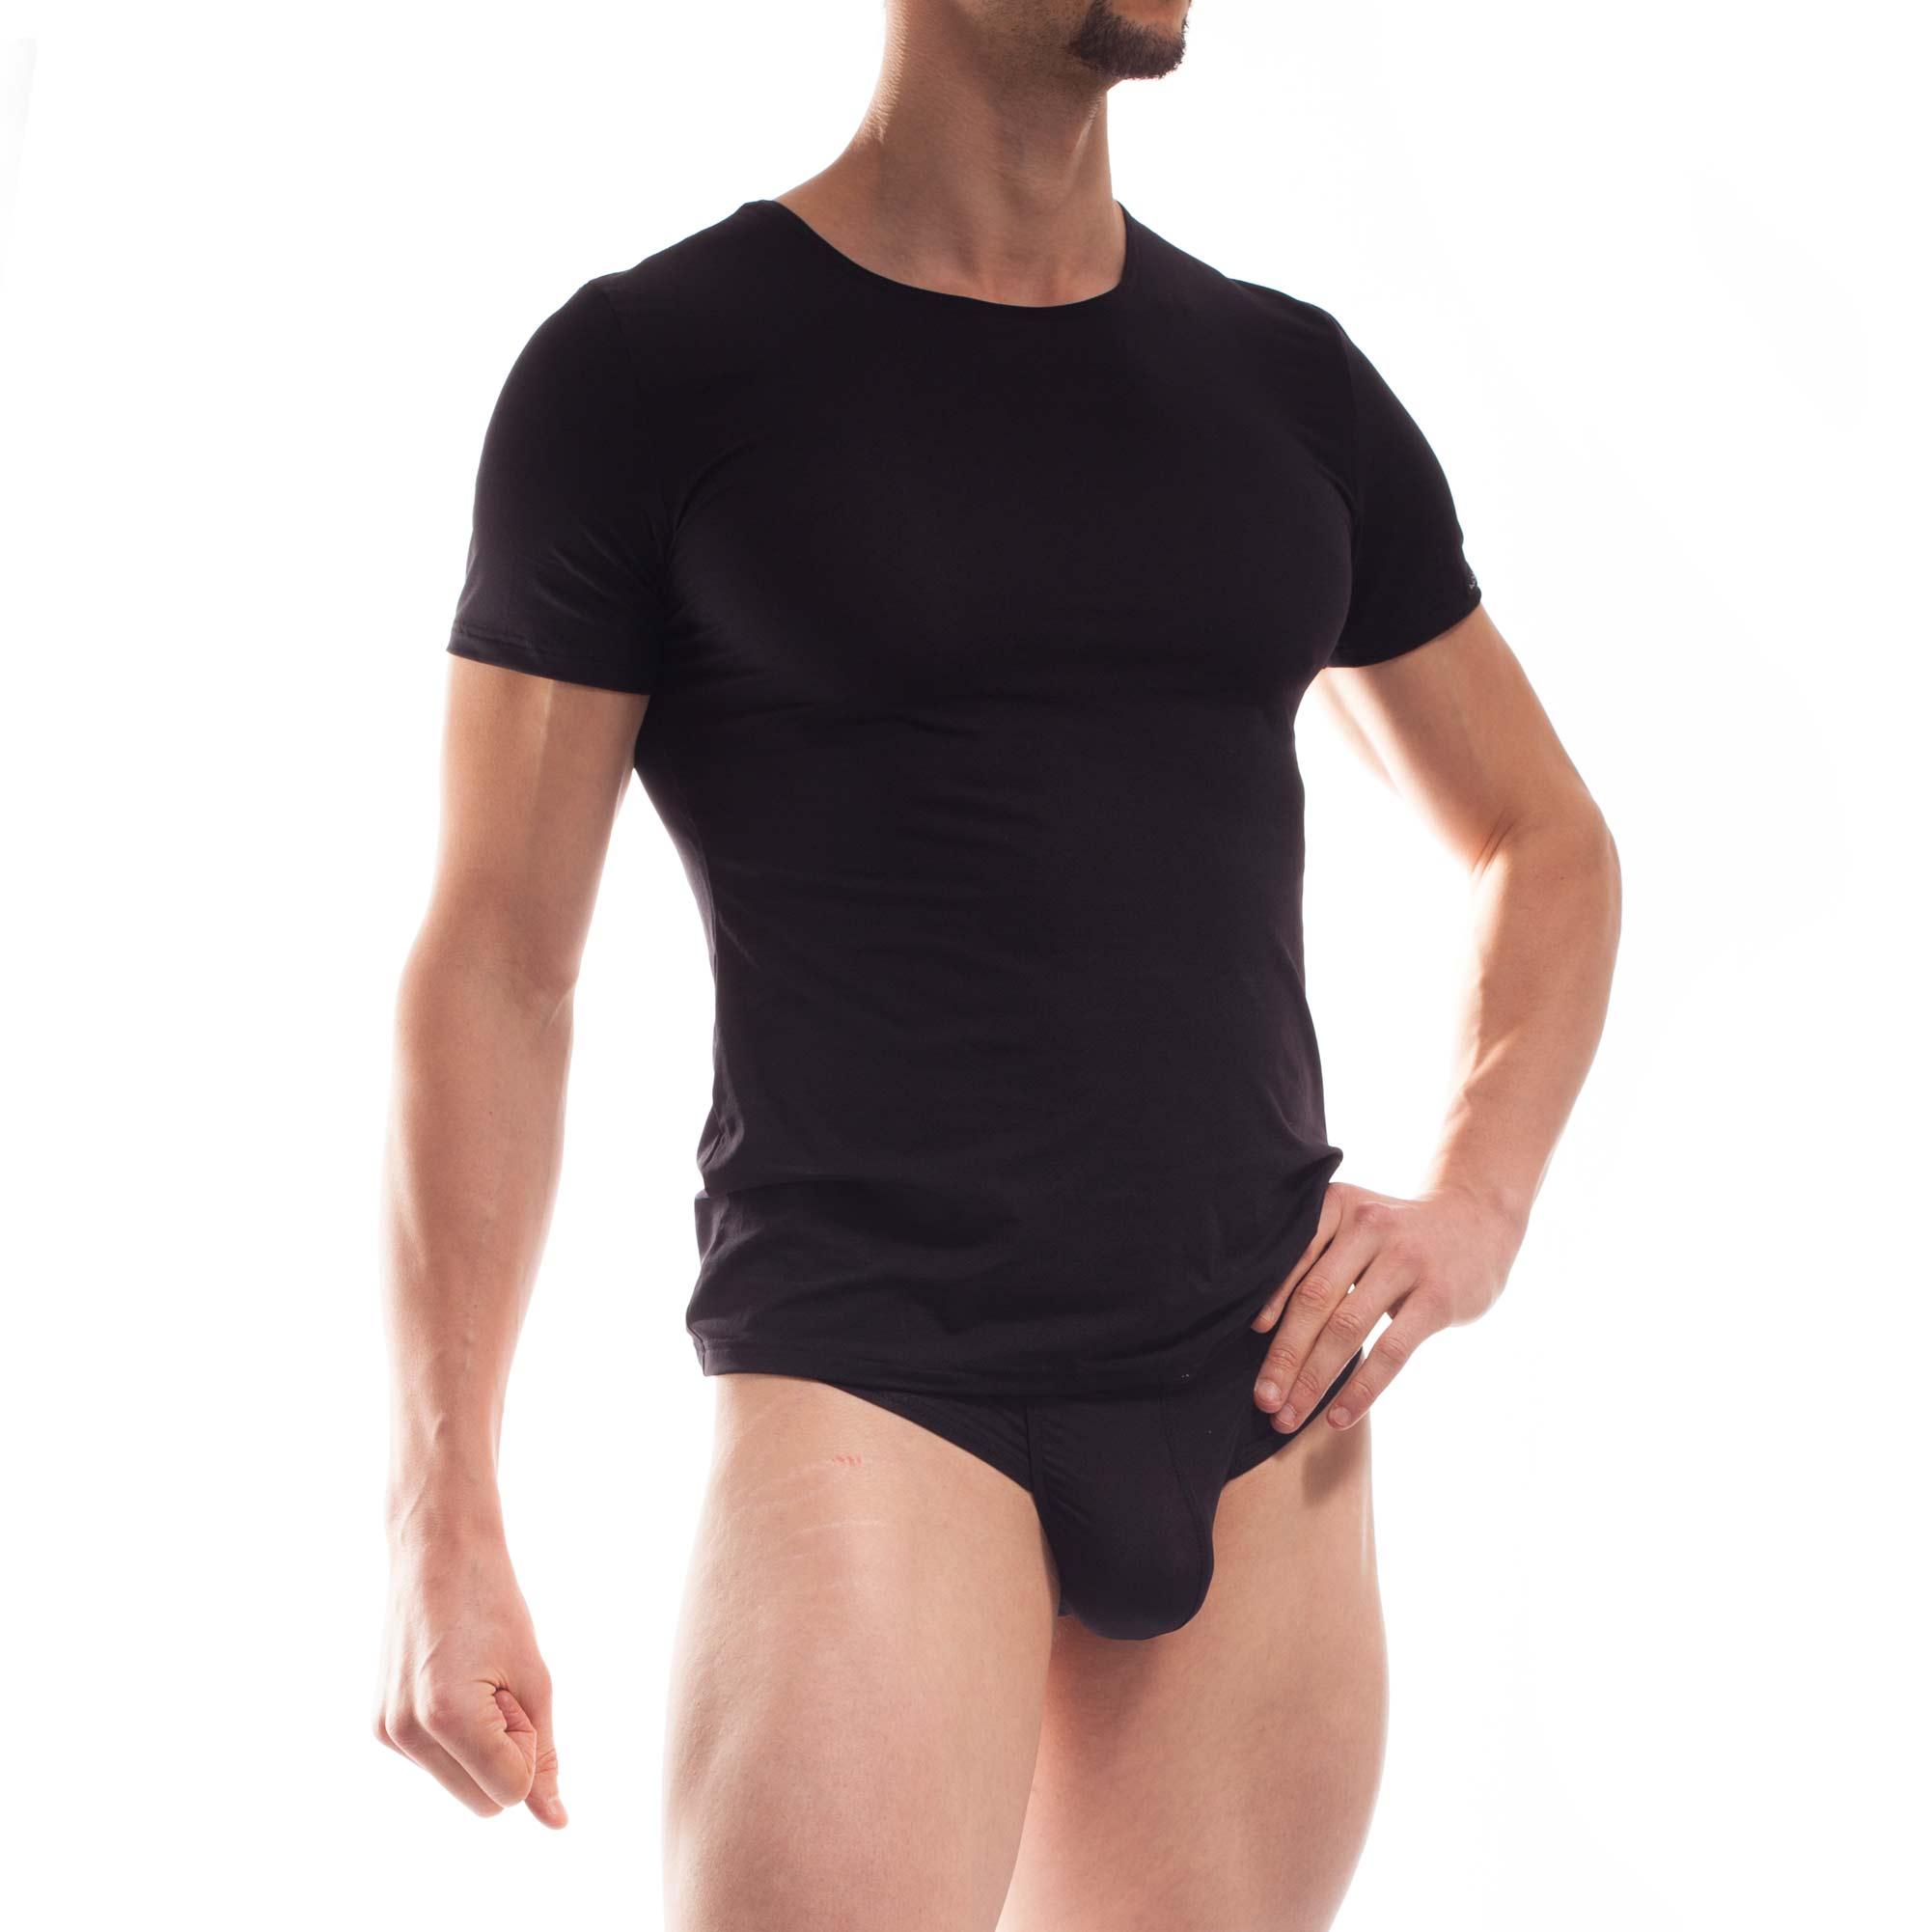 BEUN BASIC Shirt schwarz. Wieder nur ein schwarzes Shirt? Wohl kaum! BEUN BASIC! Es sitzt einfach perfekt, ist leicht transparent, matt, hauch dünn und wunderbar bequem. Und das Beste: Es ist pure Freiheit. Freiheit alles gleichzeitig zu tun. Arbeit, Joggen, Surfen, Schwimmen, Tanzen oder einfach nur bequem auf der Lieblingscouch chillen. Denn es ist Beach- und Underwear in einem, chlor- und salzwassergeeignet und im Alltag so leicht und frei geschnitten, dass es ein unverzichtbares Basic in jedem Kleiderschrank ist. WOJOER